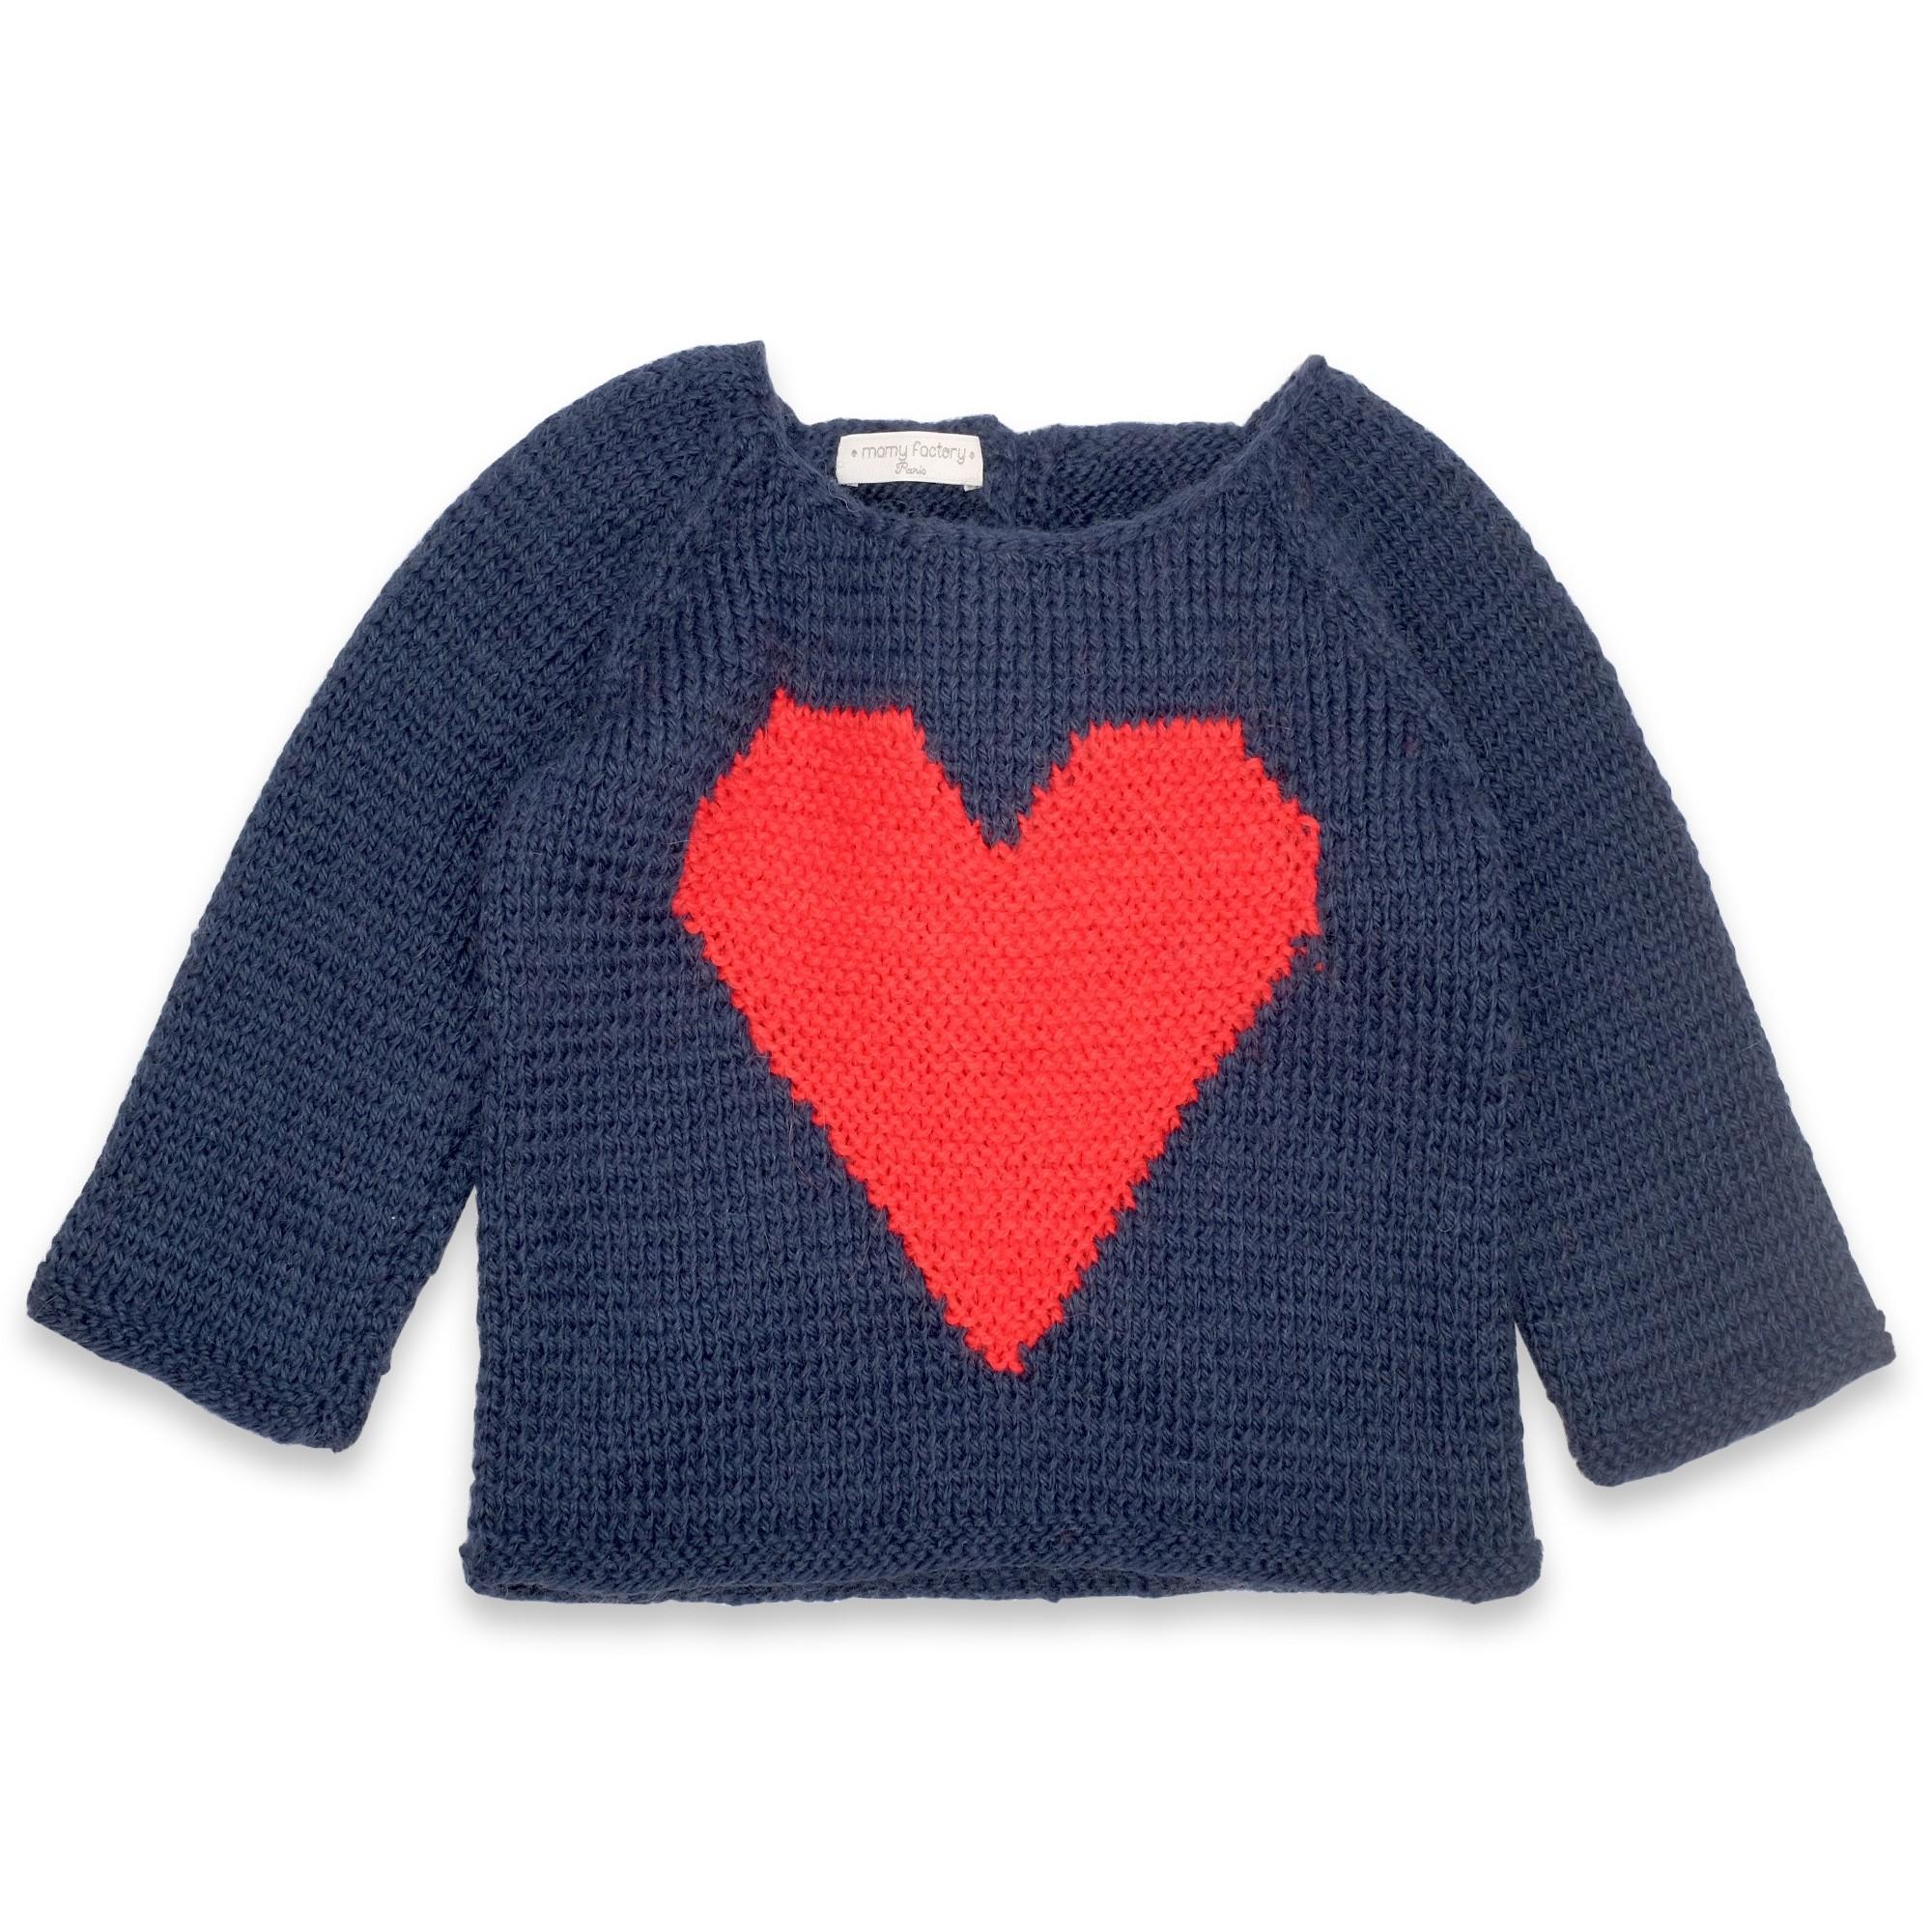 les tricots de mamy pull pour enfant doux et moelleux en. Black Bedroom Furniture Sets. Home Design Ideas